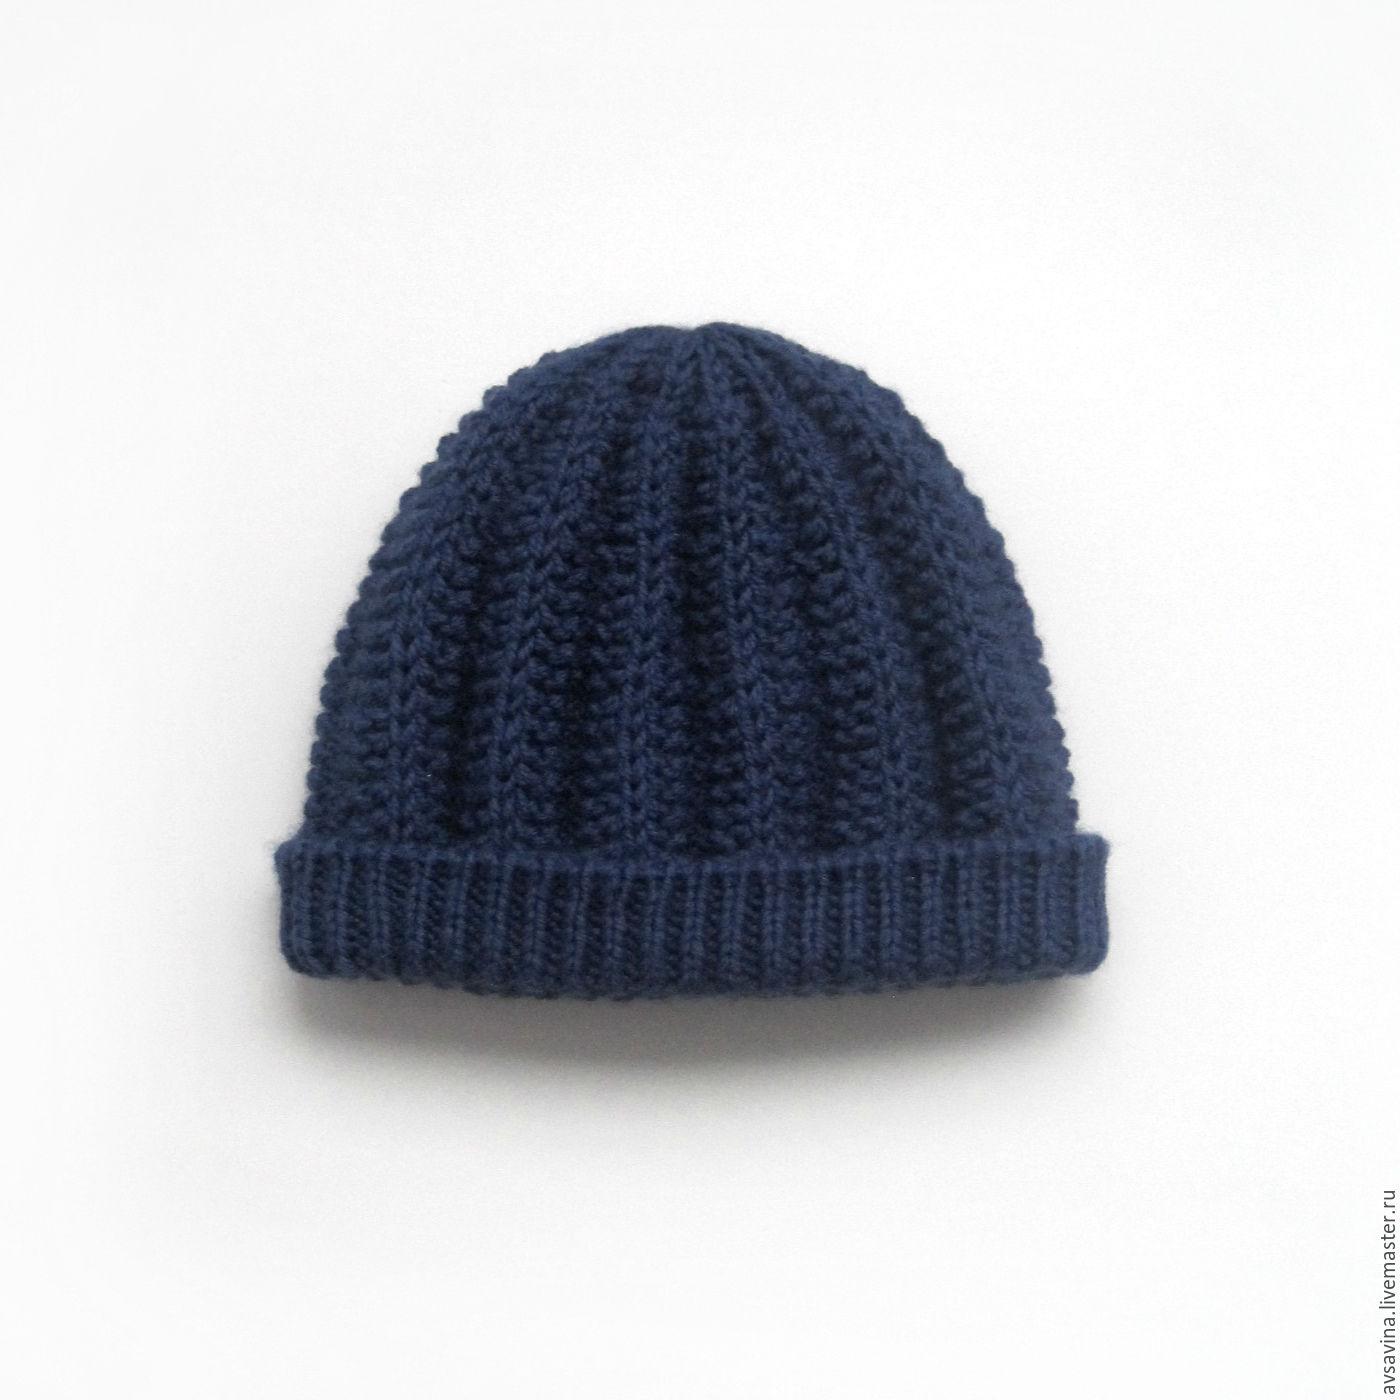 мужская вязаная шапка с подкладом из флиса синяя купить в интернет